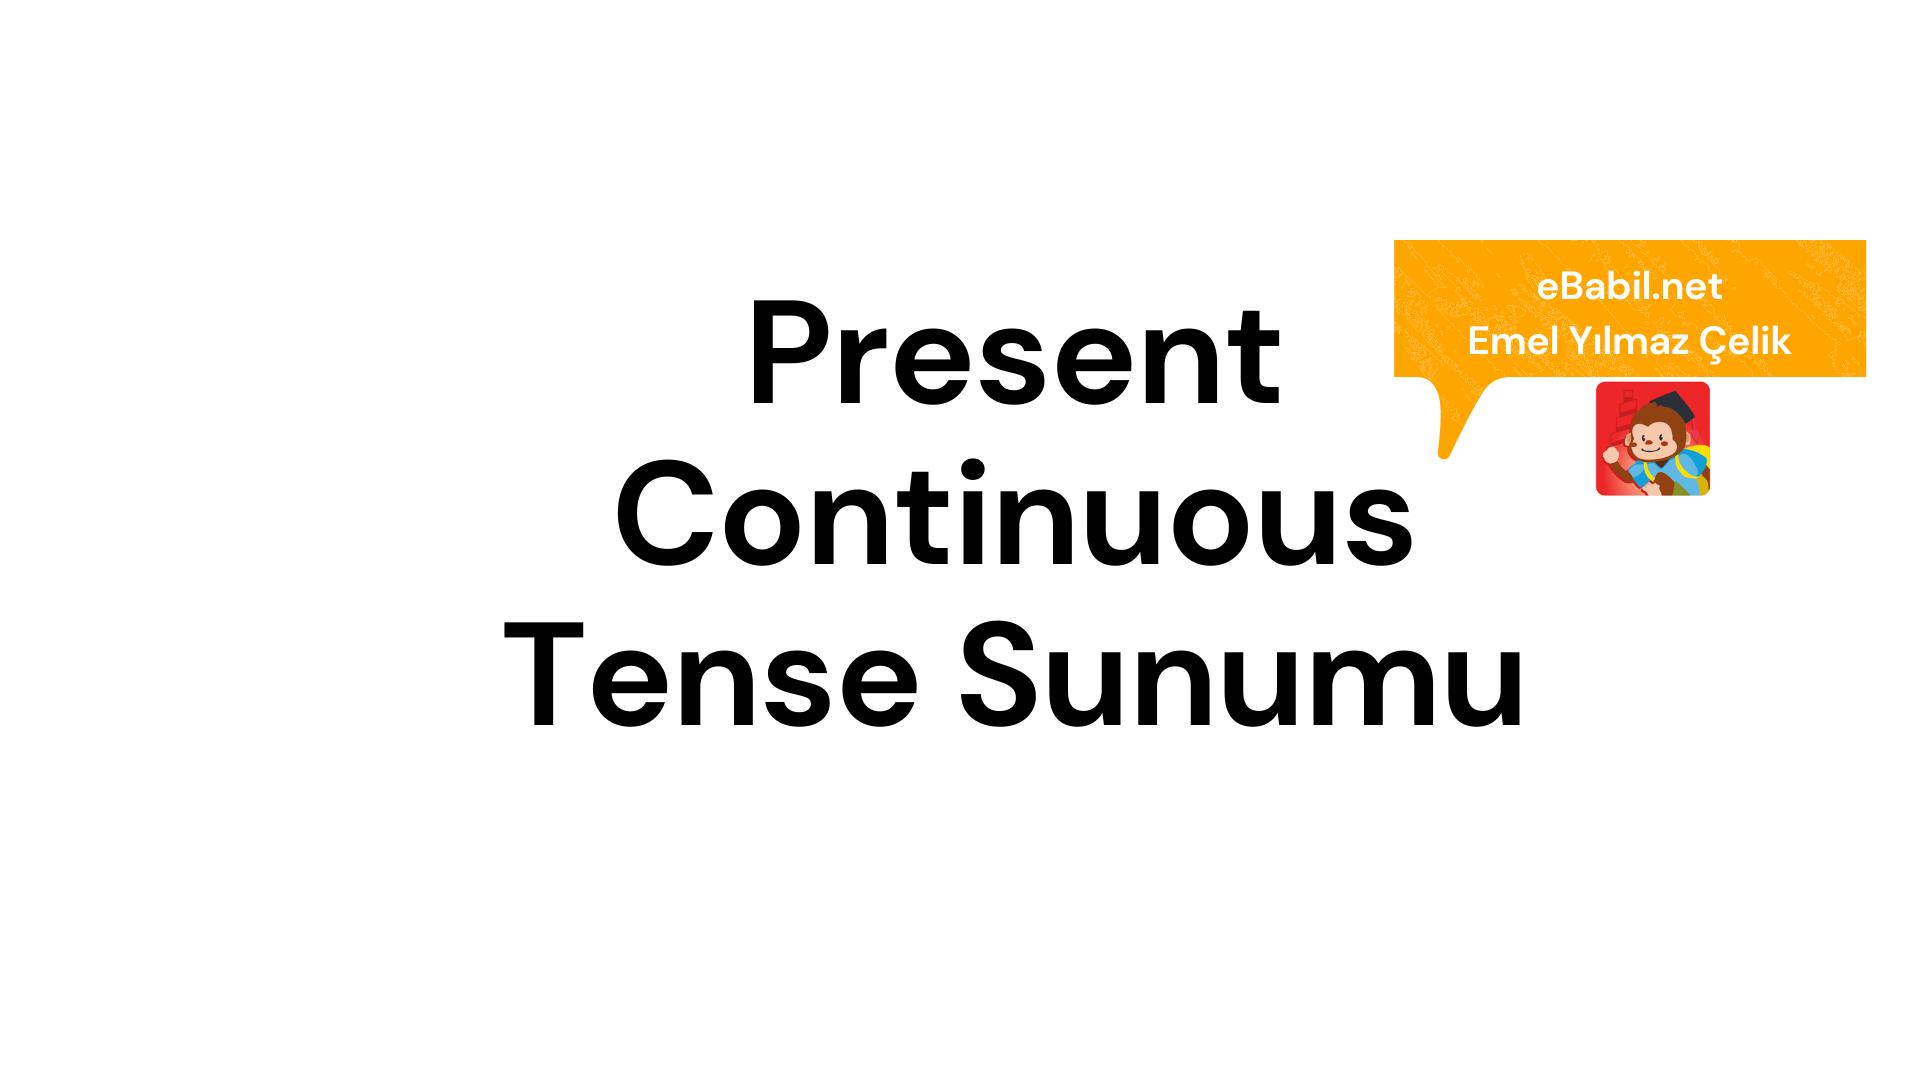 Present Continuous Tense Konu Anlatım Sunumu (İngilizce Şimdiki Zaman)